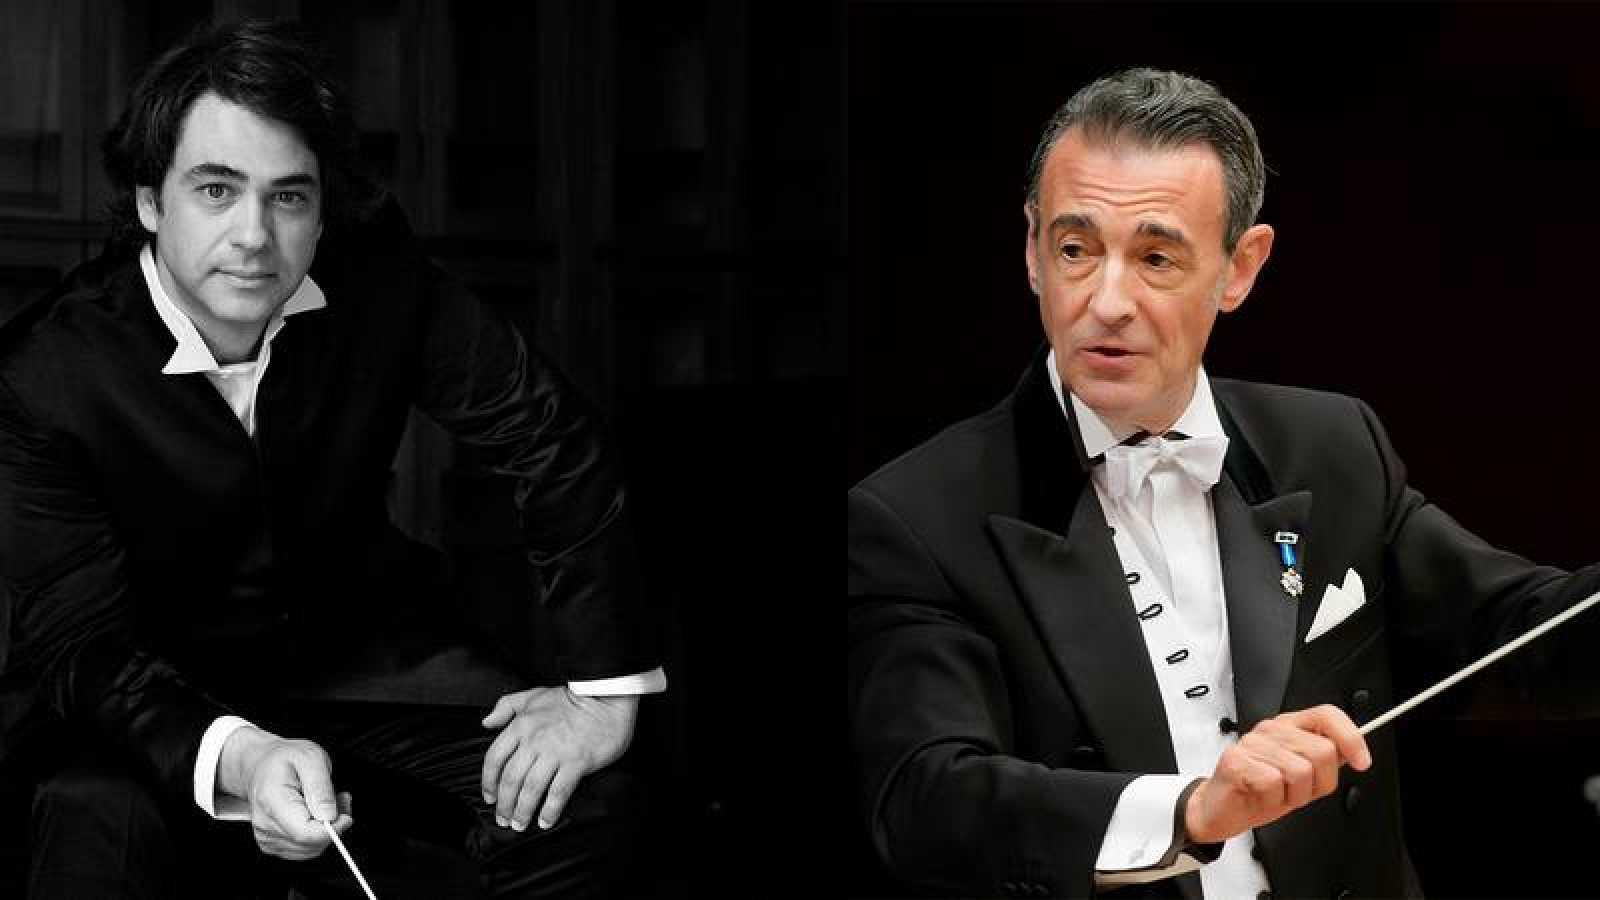 Pedro Amaral y Miguel A. Gómez-Martínez